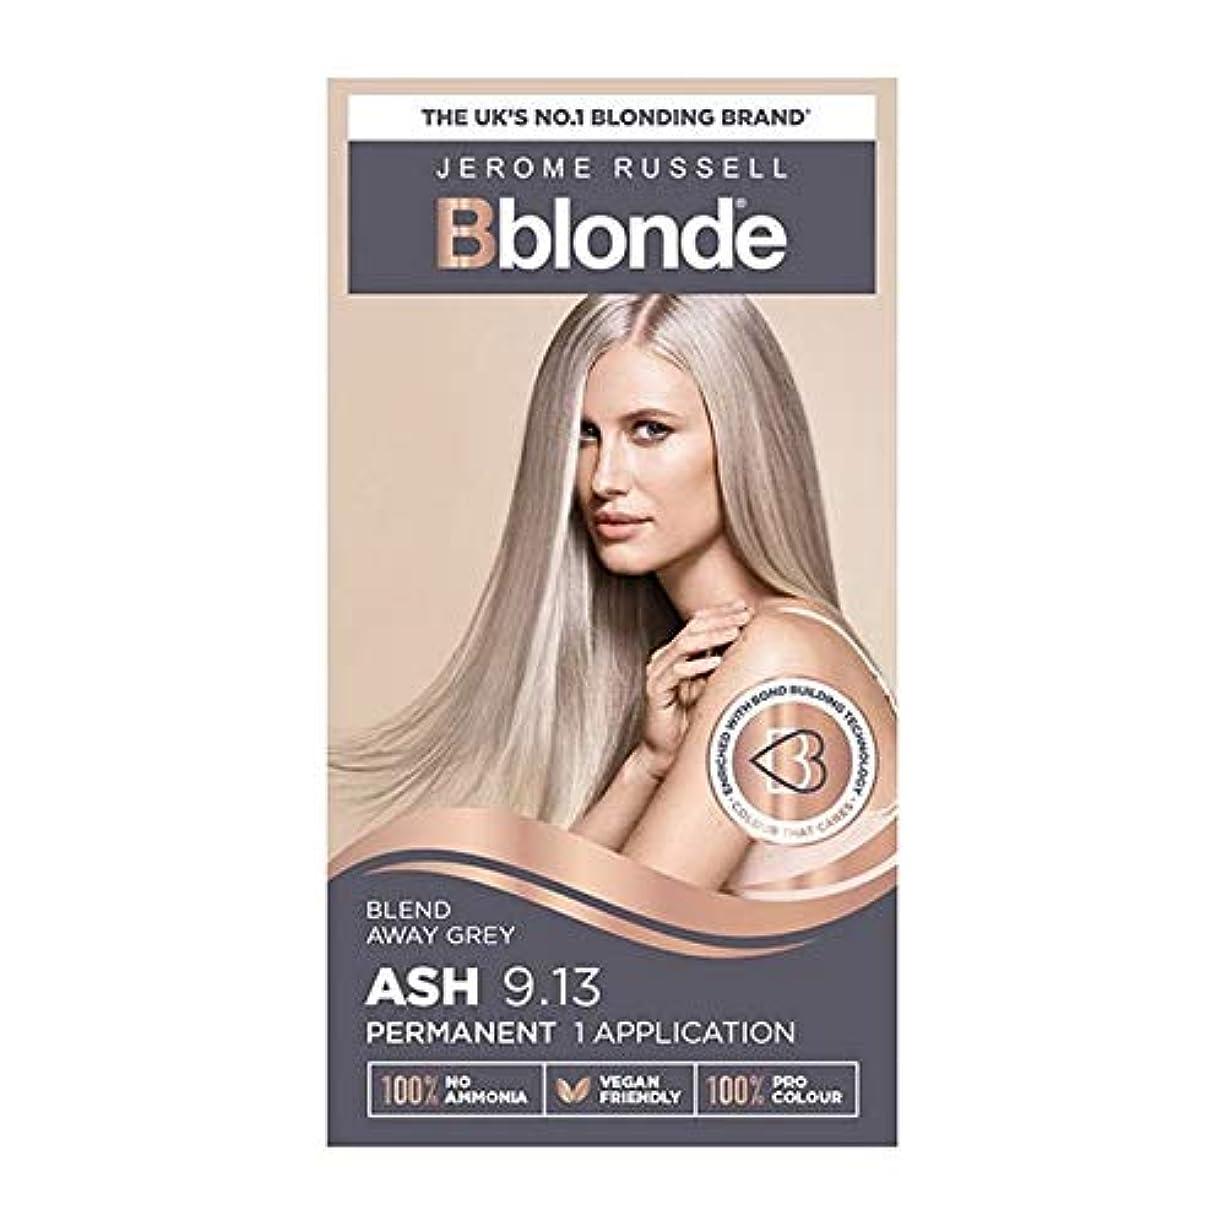 メニュー居住者ドラゴン[Jerome Russell ] ジェロームラッセルBblondeパーマネントヘアキット灰ブロンド9.13 - Jerome Russell Bblonde Permanent Hair Kit Ash Blonde 9.13 [並行輸入品]